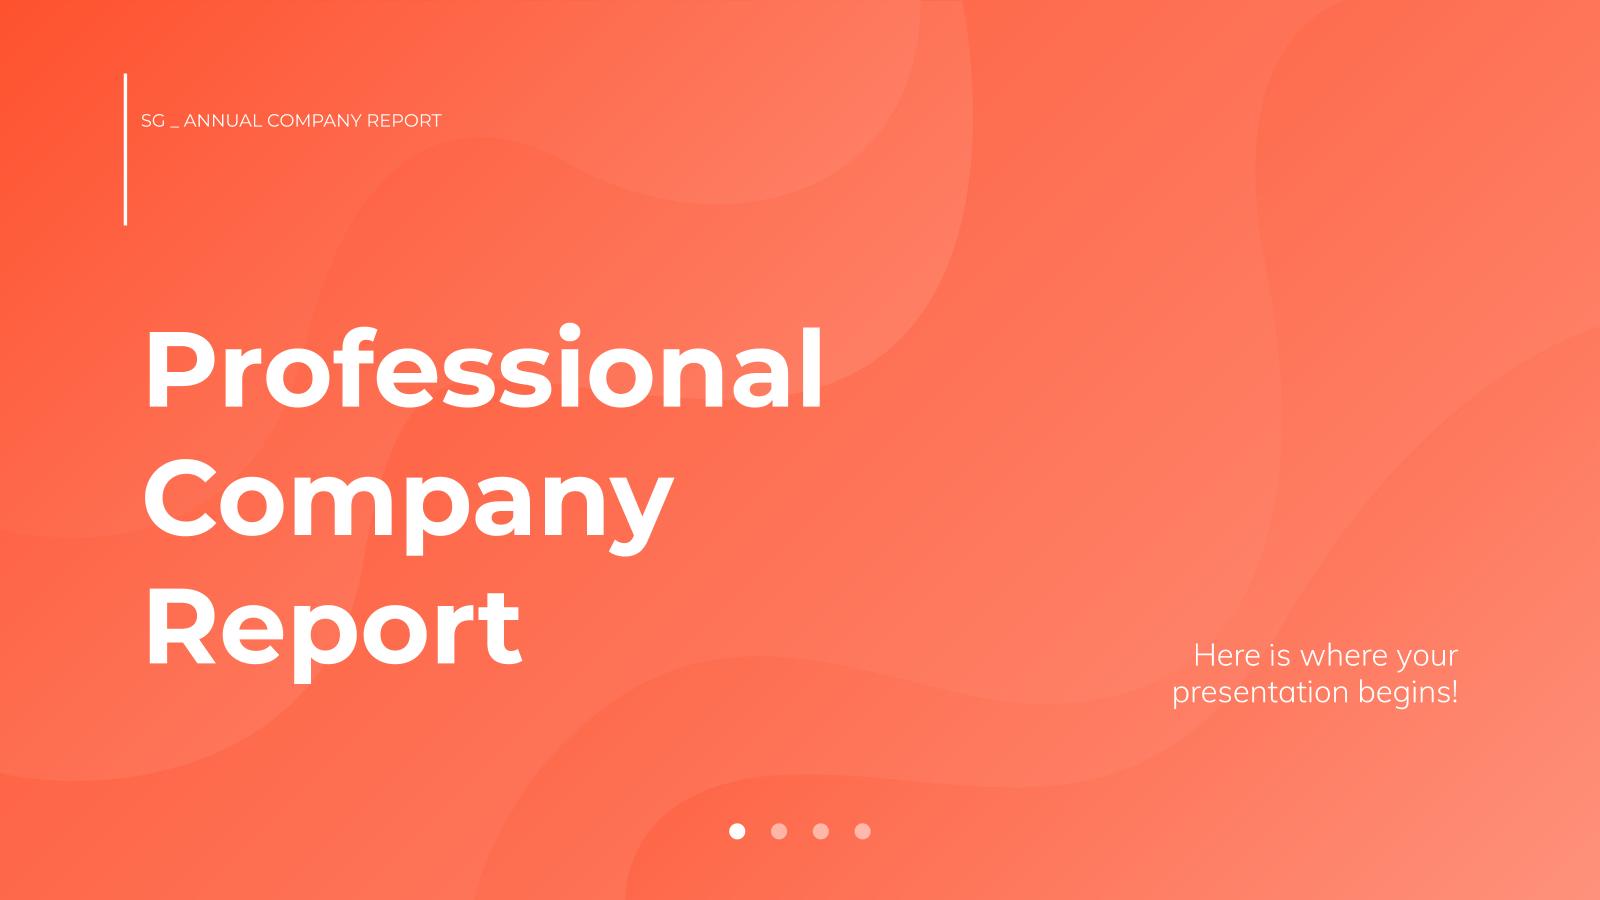 Rapport de société professionnelle : Modèles de présentation